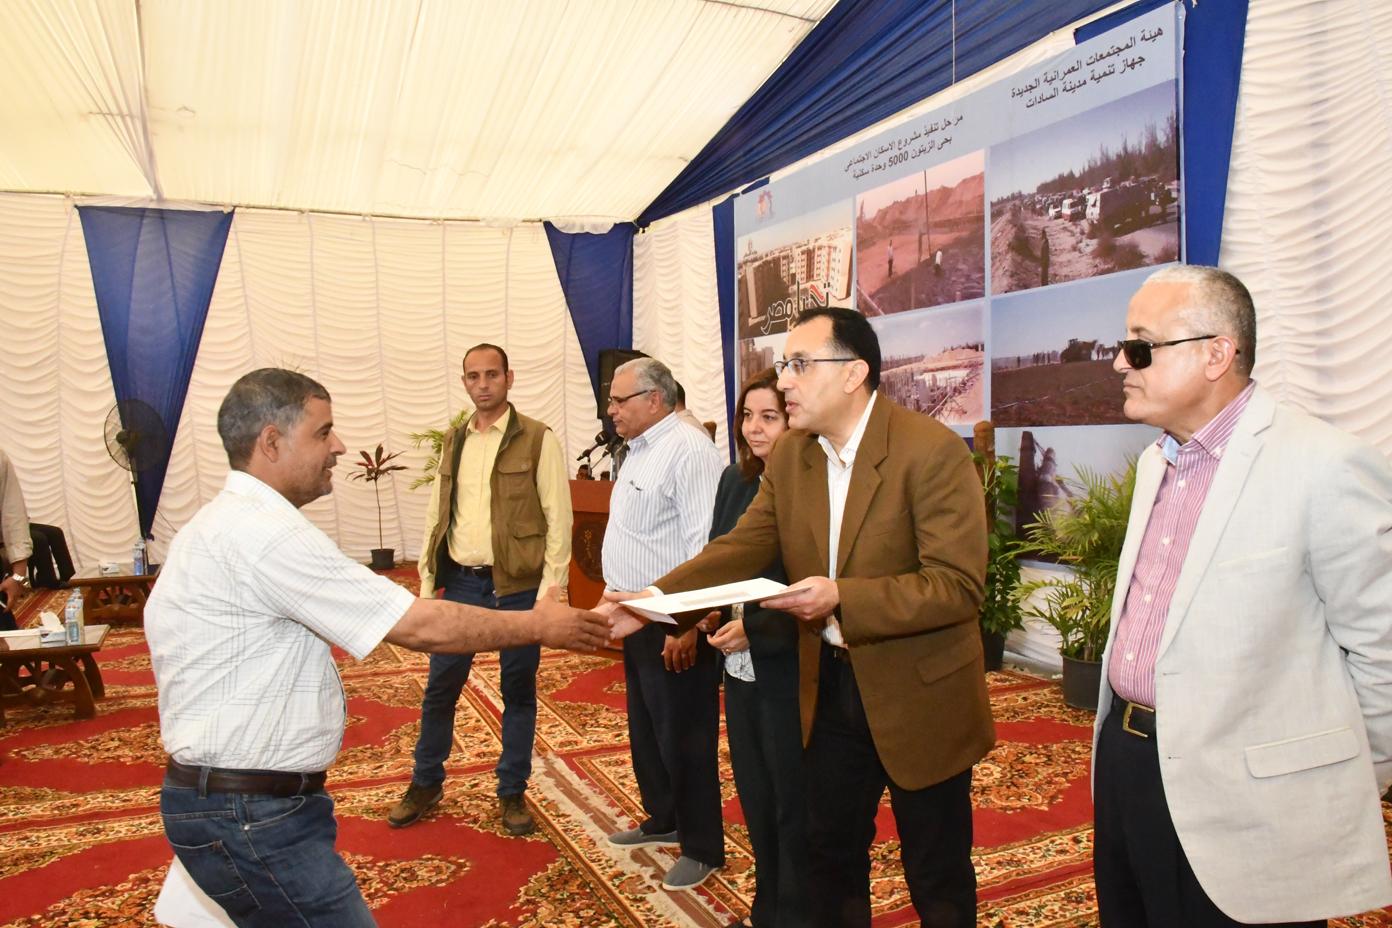 الوحدات السكنية بمدينة السادات (13)